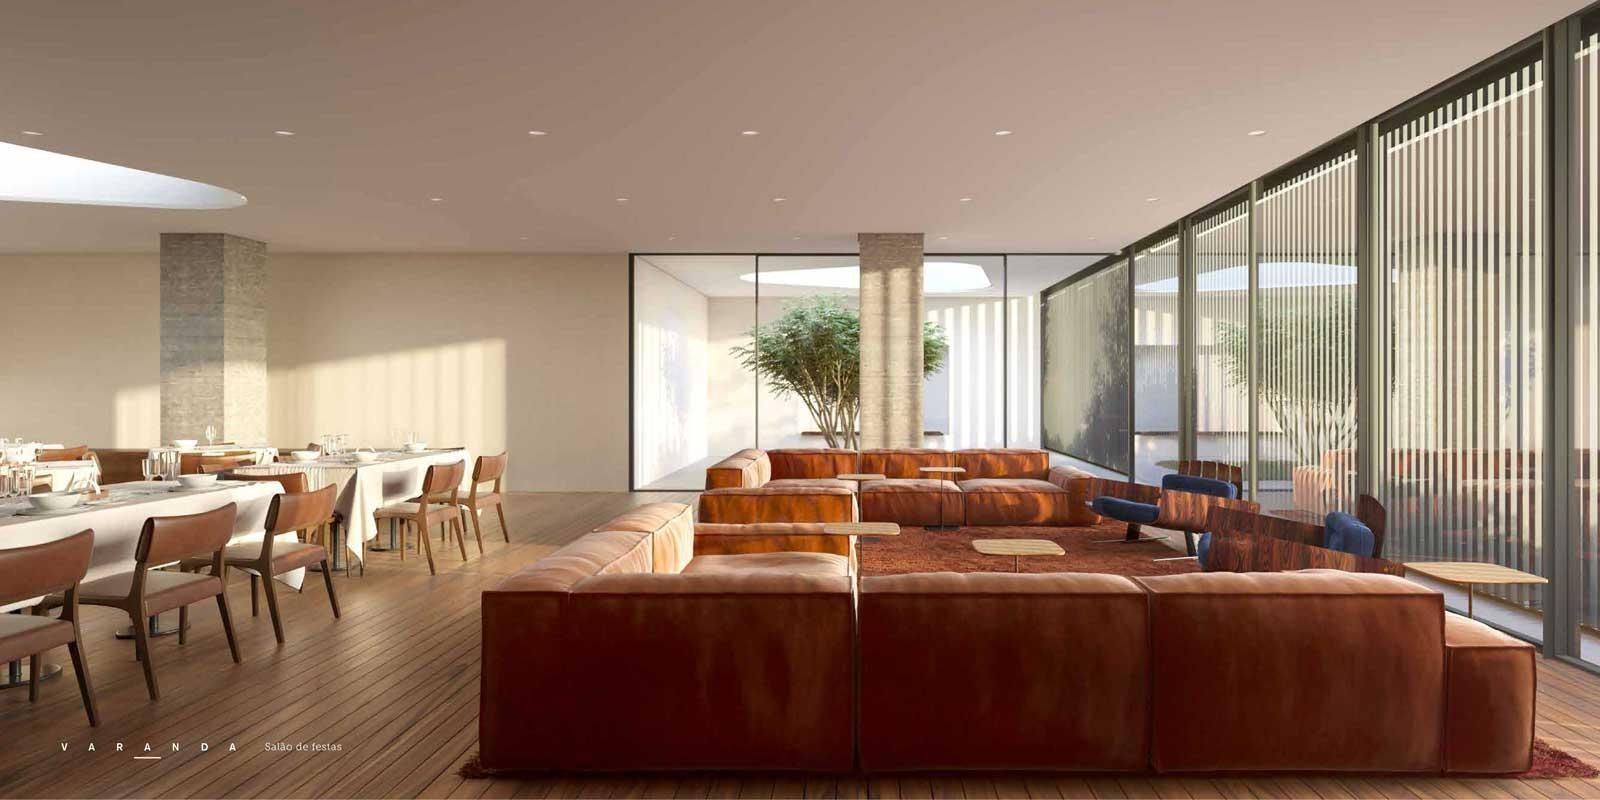 TPS Imóveis - Veja Foto 2 de 40 do Apartamento com 3 Suites no bairro Petrópolis, Porto Alegre